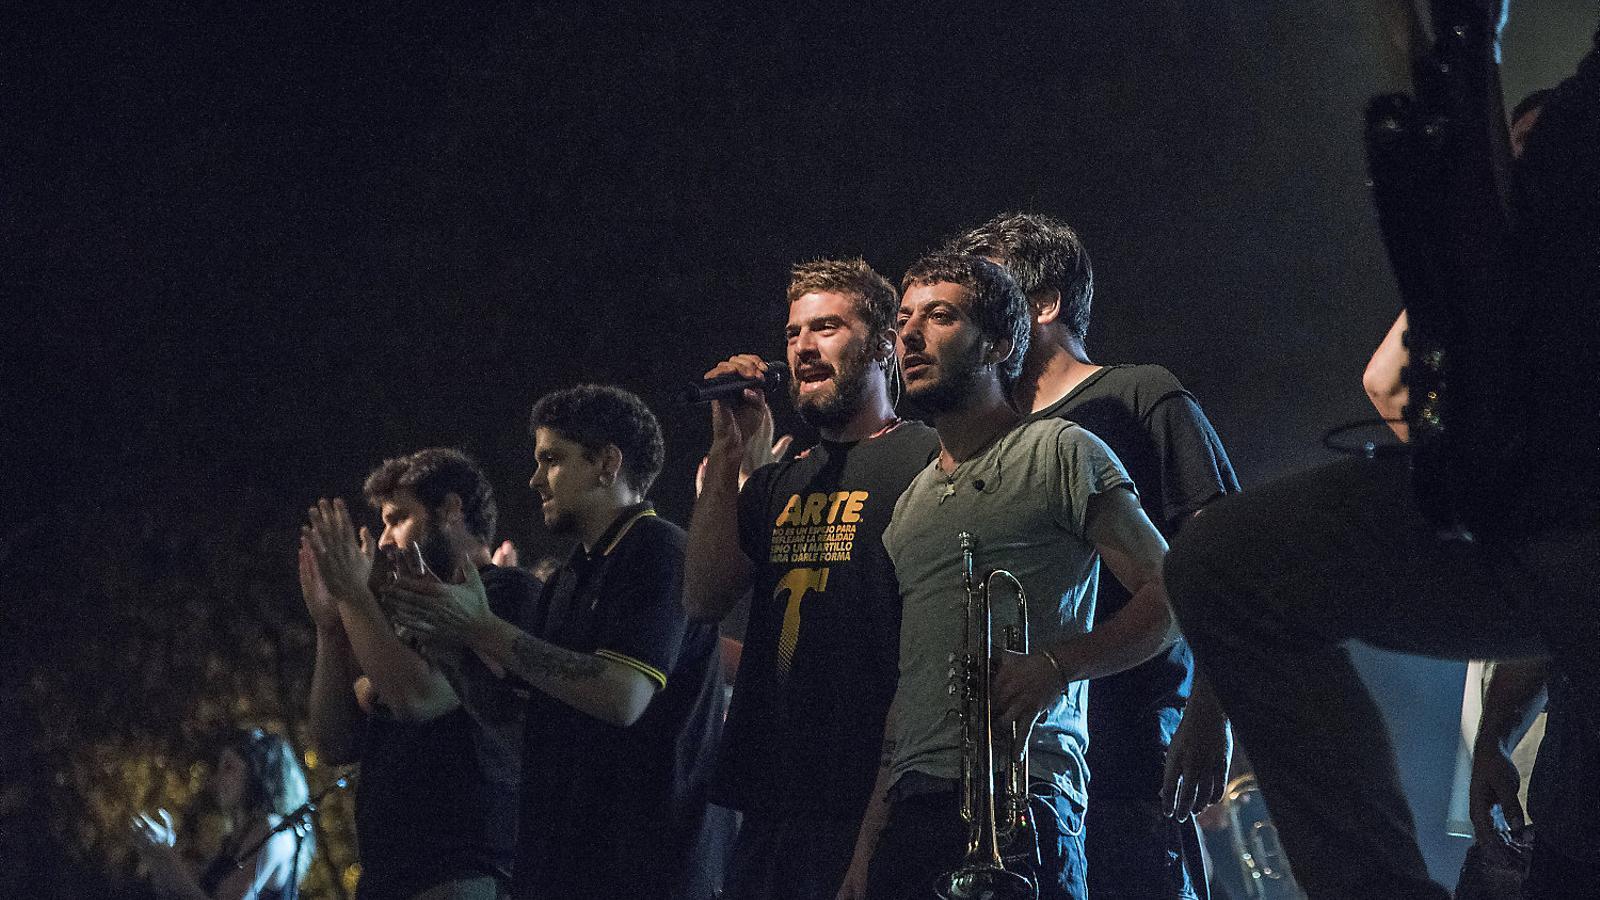 Itaca Band suspèn el seu concert previst a l'agressió a les Festes de Sants